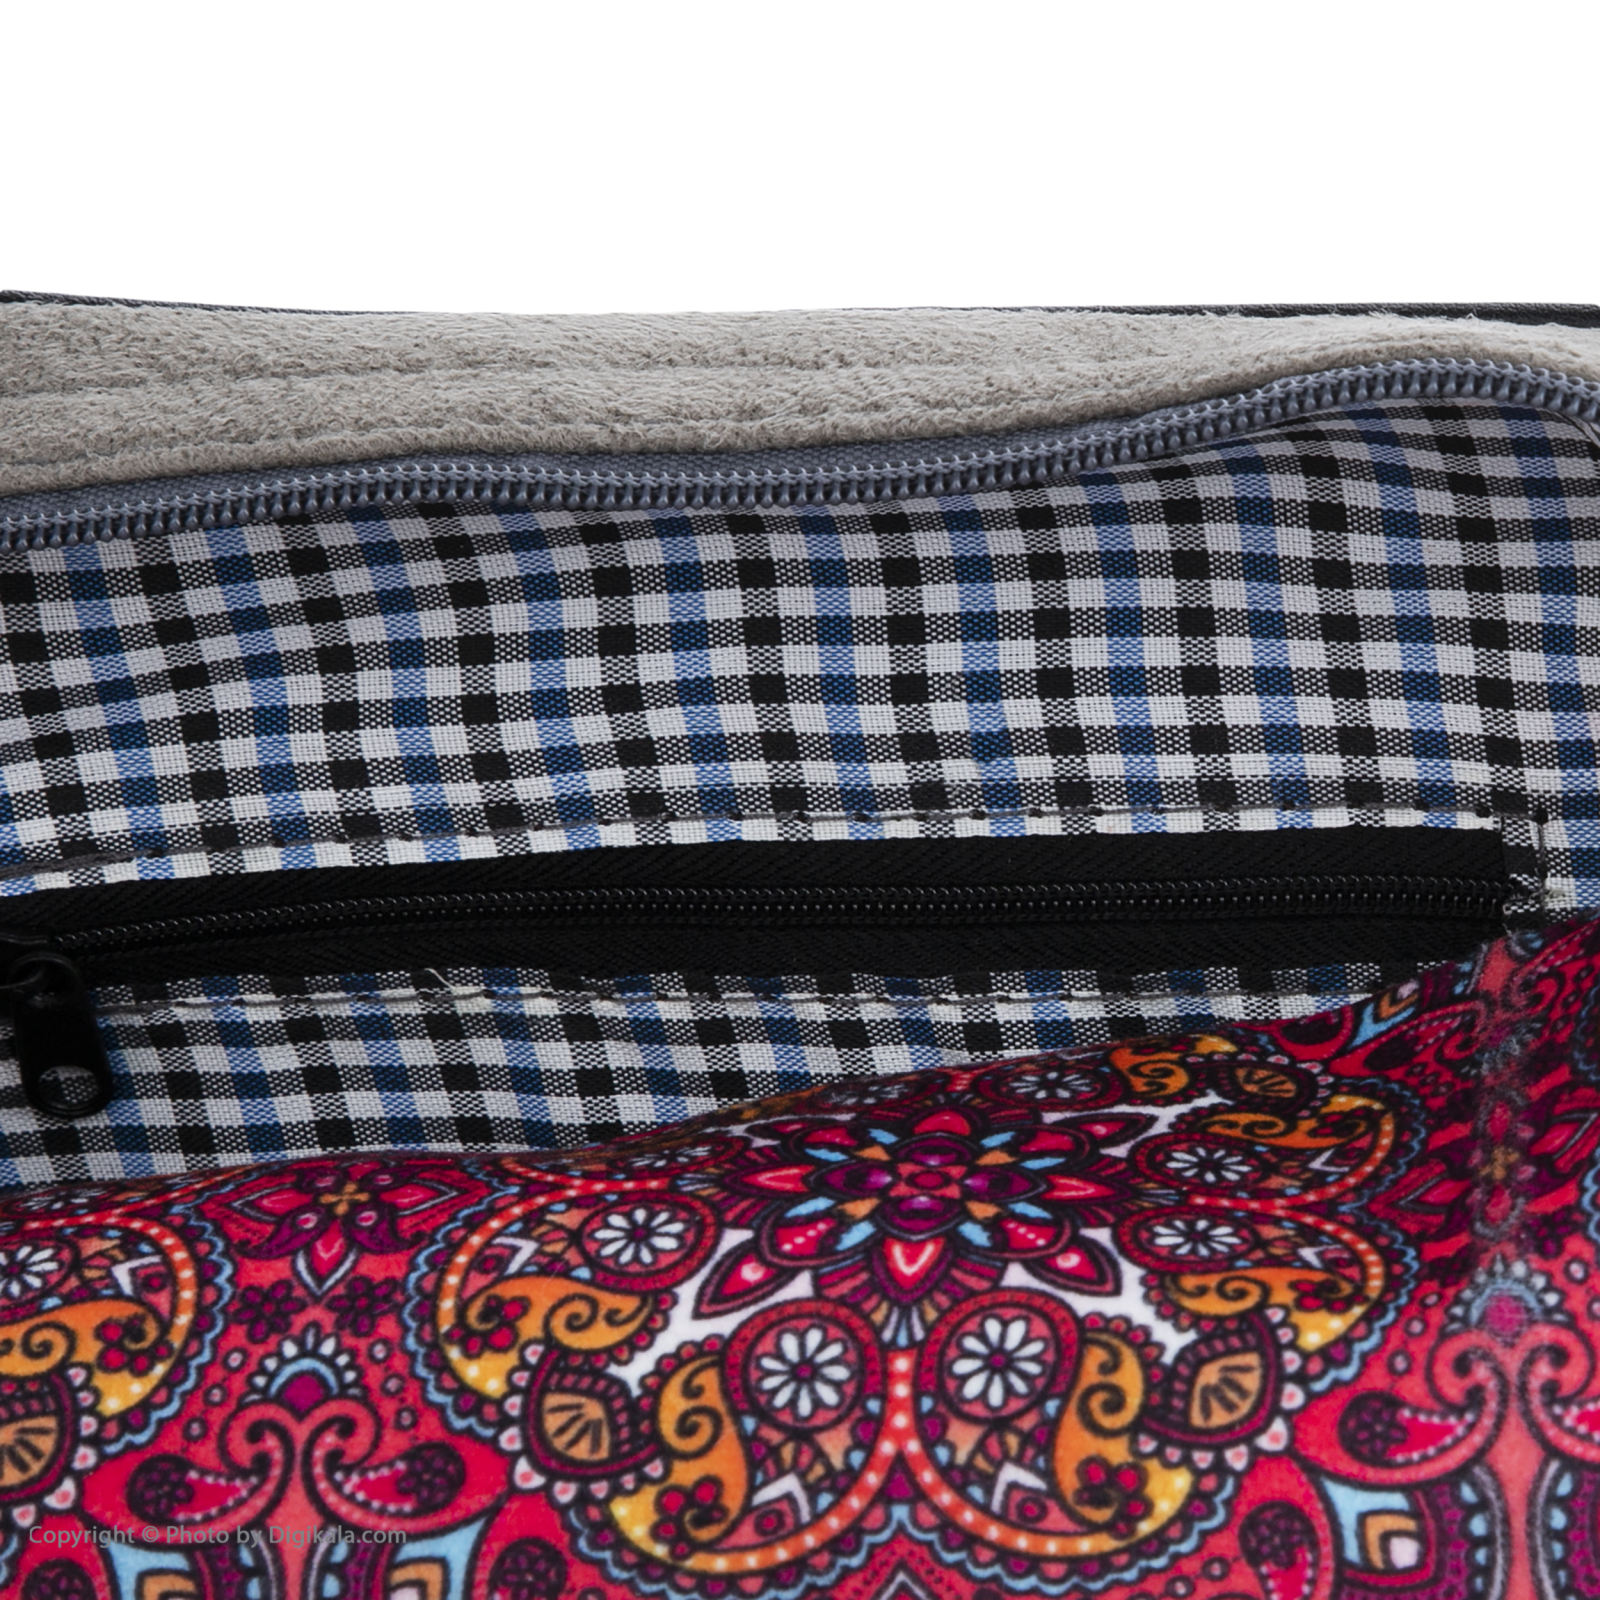 کیف رودوشی زنانه میو مدل MBSP163 -  - 6